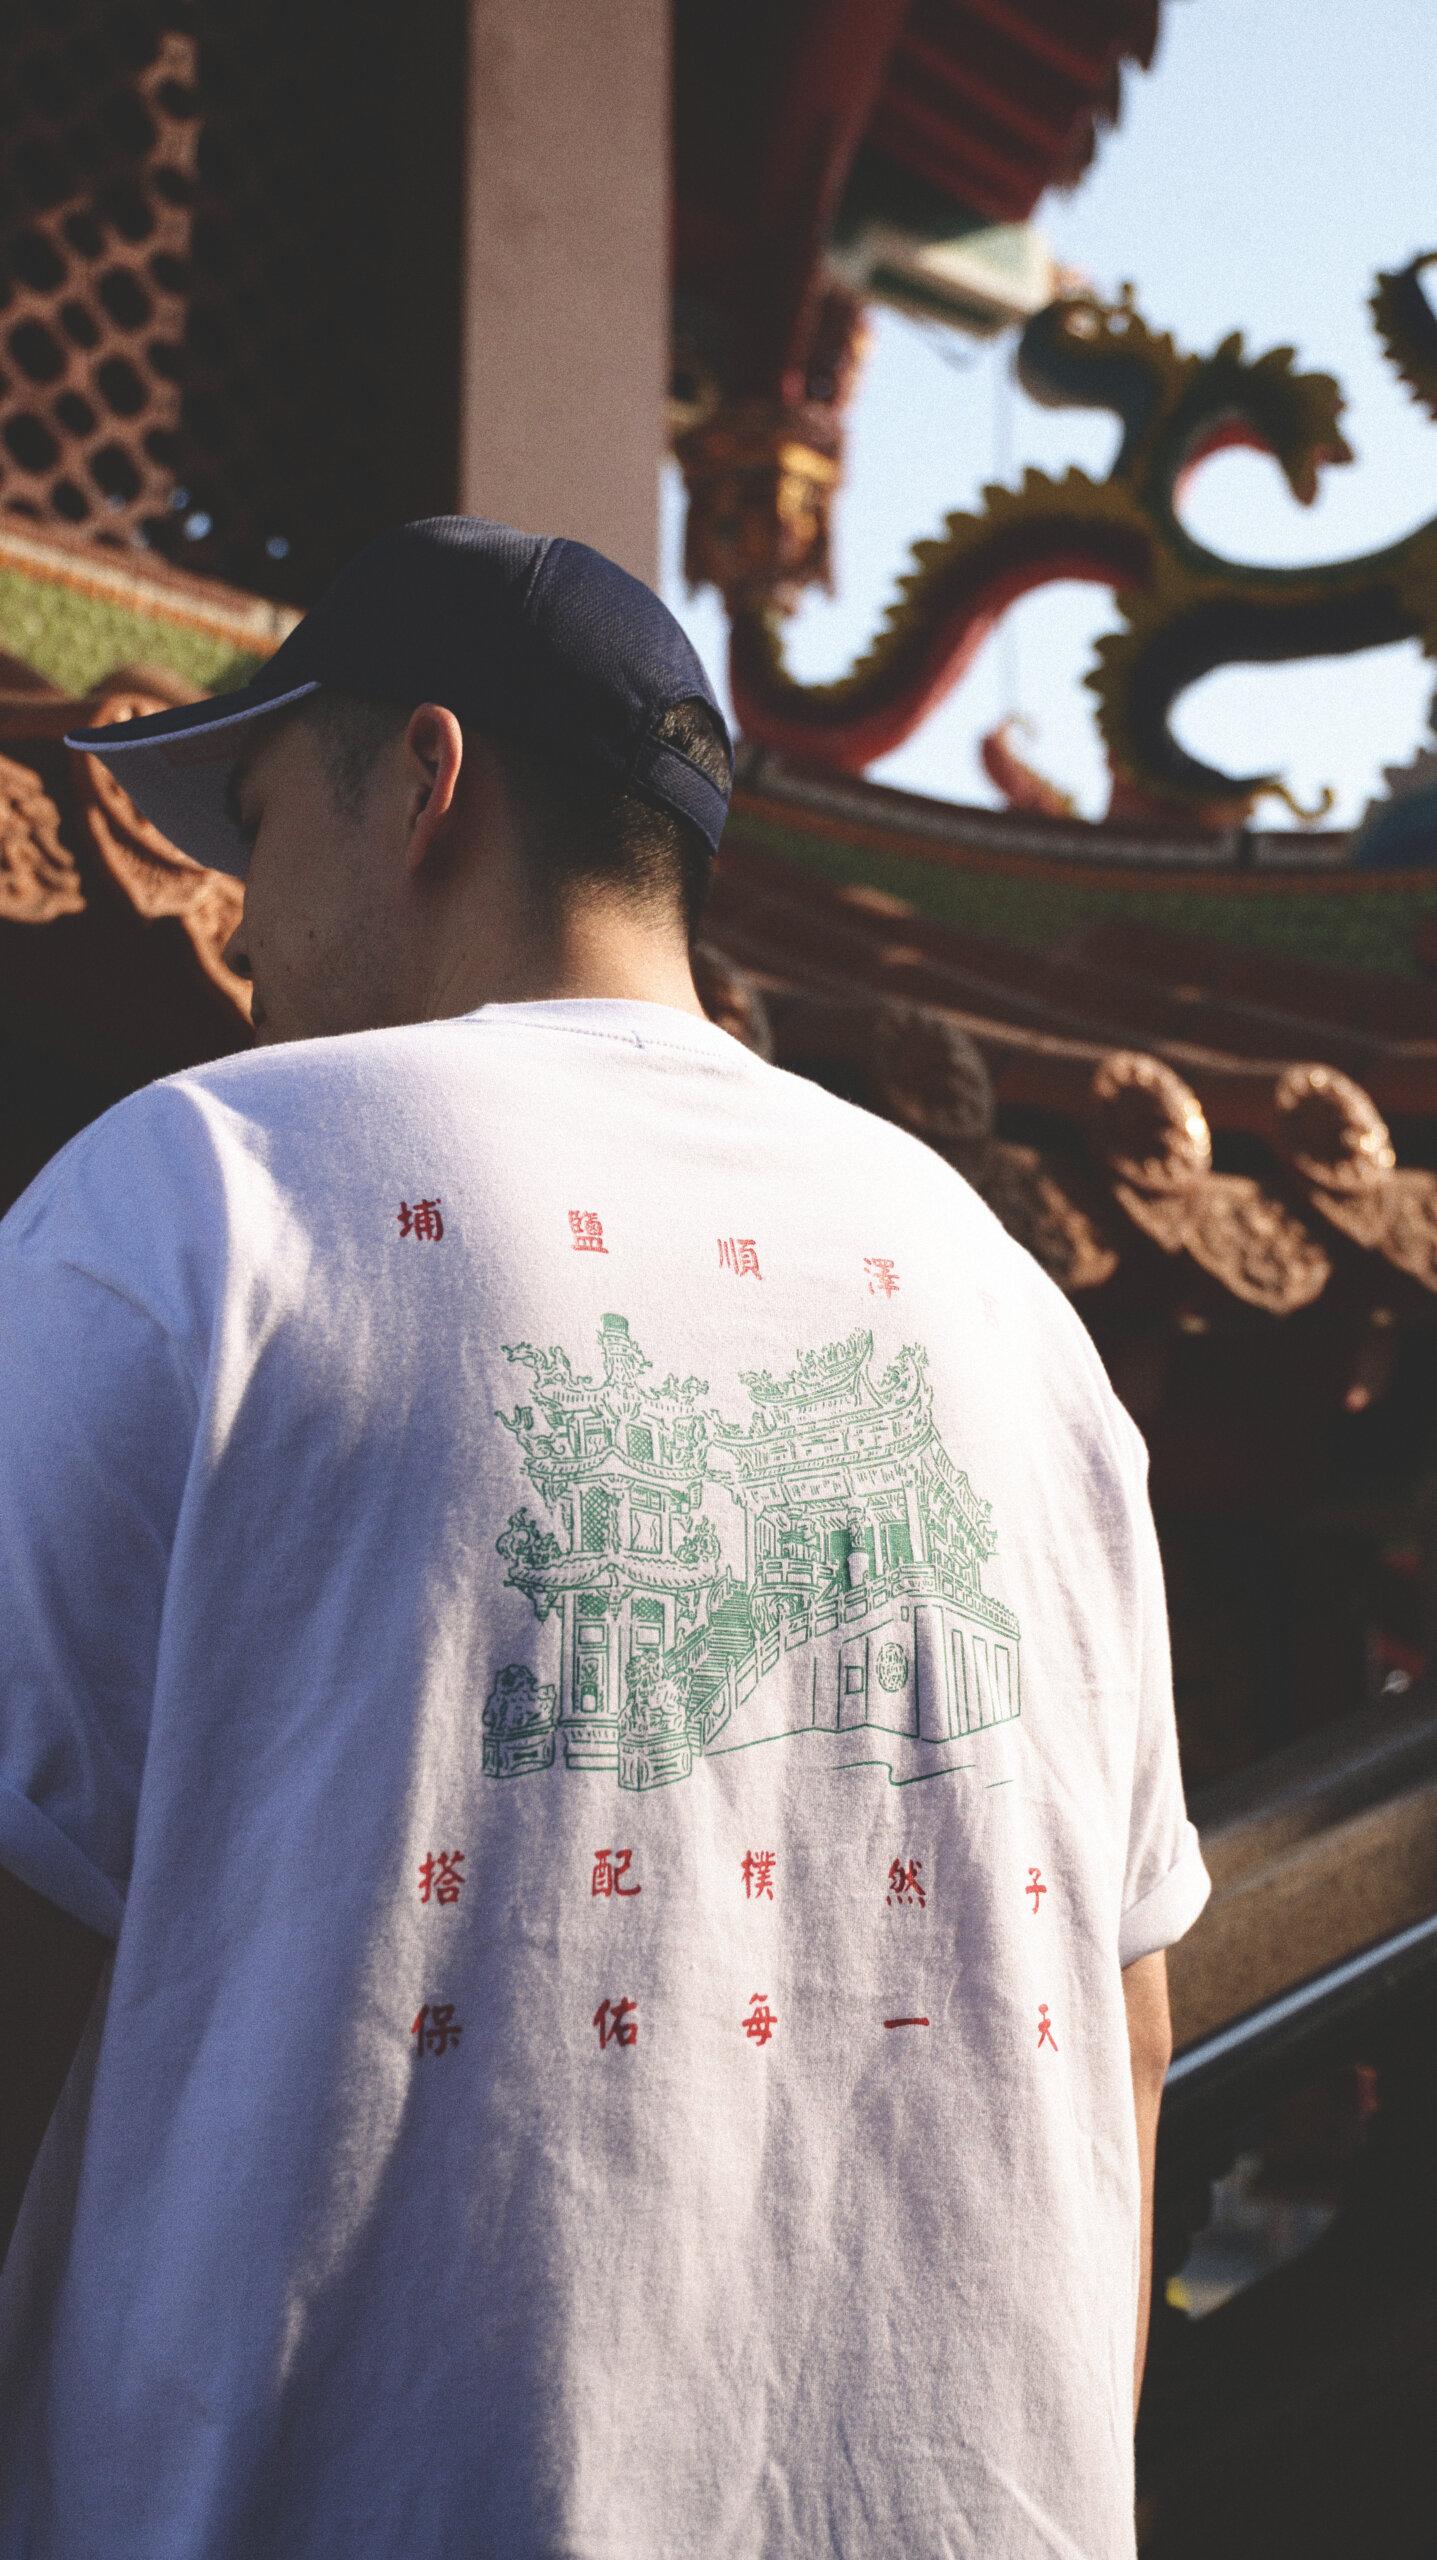 埔鹽順澤宮,埔鹽順澤宮路跑,埔鹽景點,順澤宮,順澤宮路跑,順澤宮帽,冠軍帽